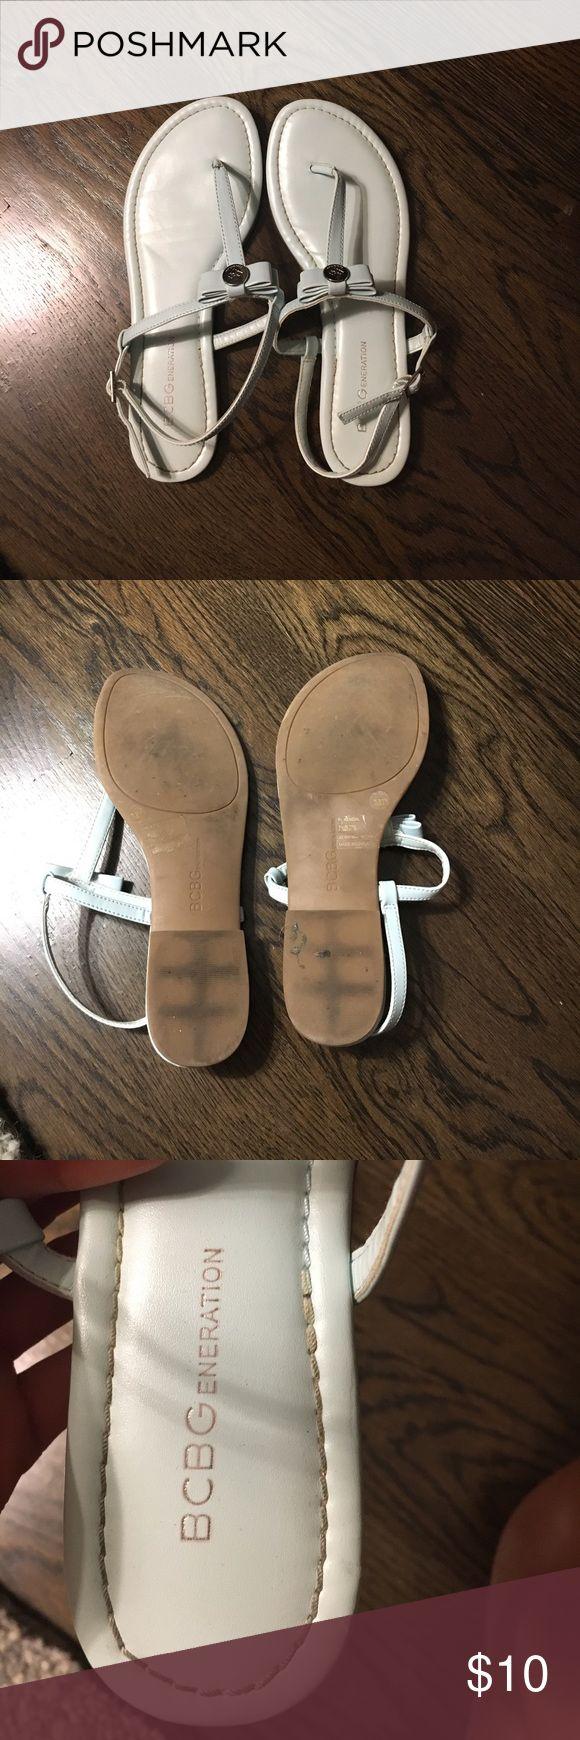 Selling this BCBG sandals on Poshmark! My username is: mpok1. #shopmycloset #poshmark #fashion #shopping #style #forsale #BCBGeneration #Shoes